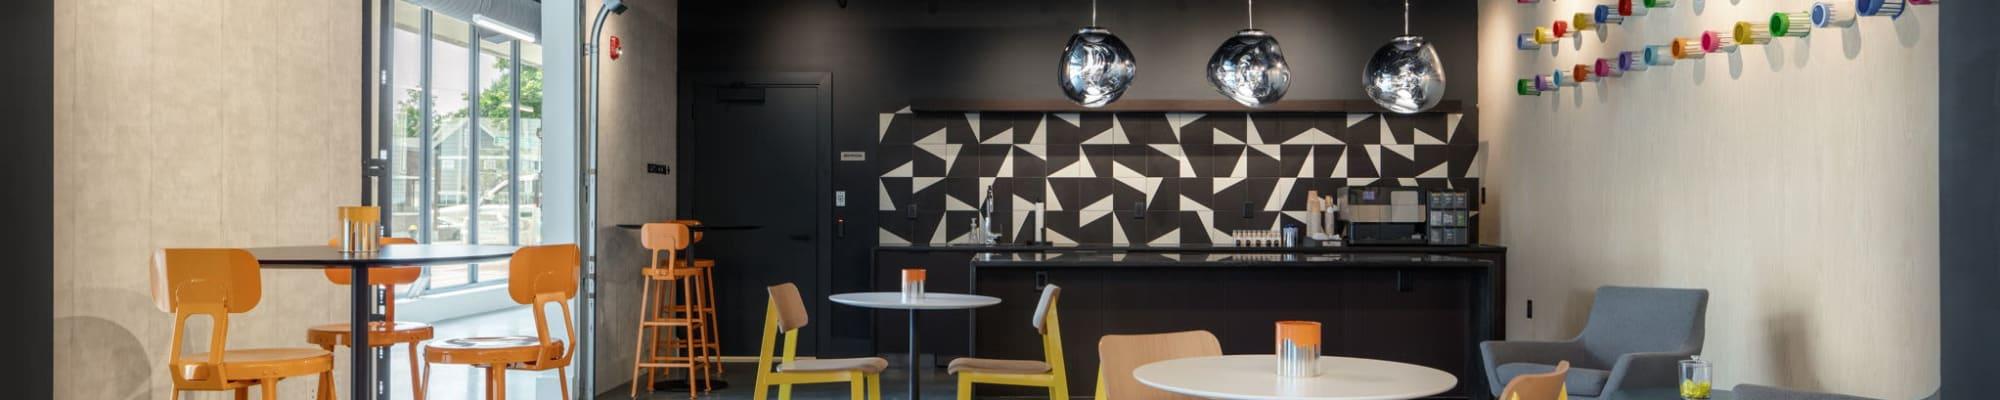 Floor plans at Arthaus Apartments in Allston, Massachusetts